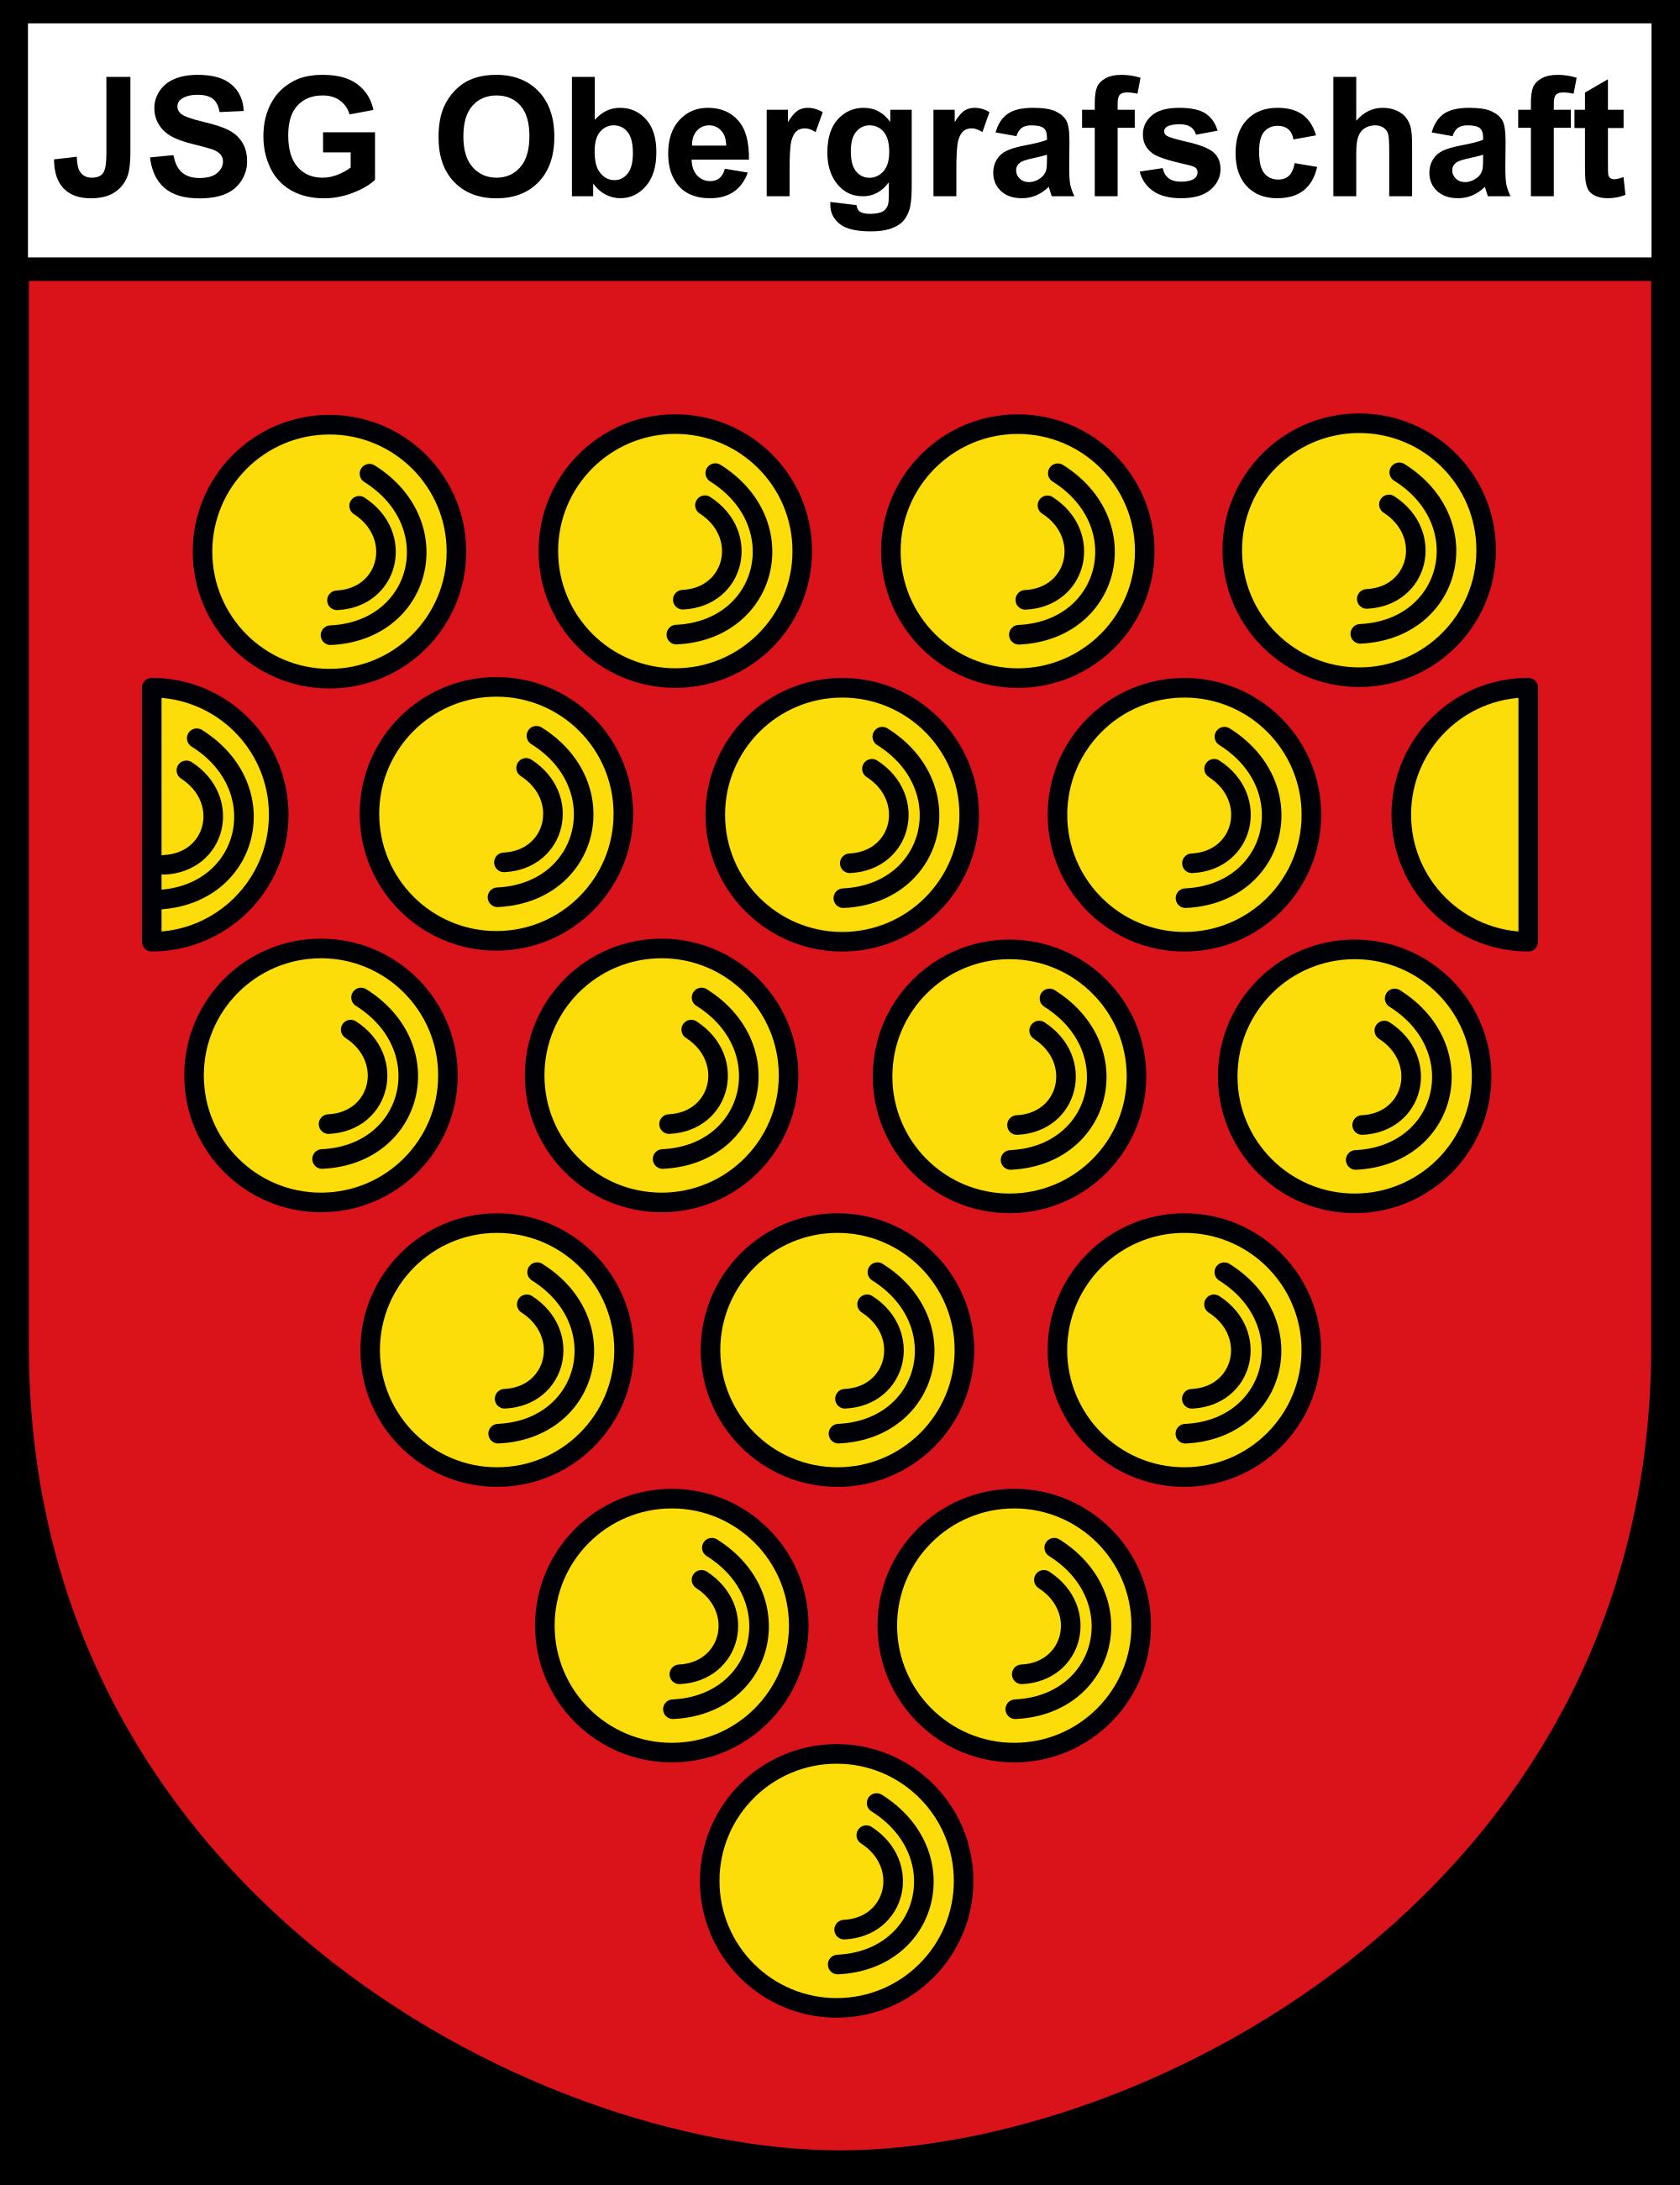 JSG Obergrafschaft U13